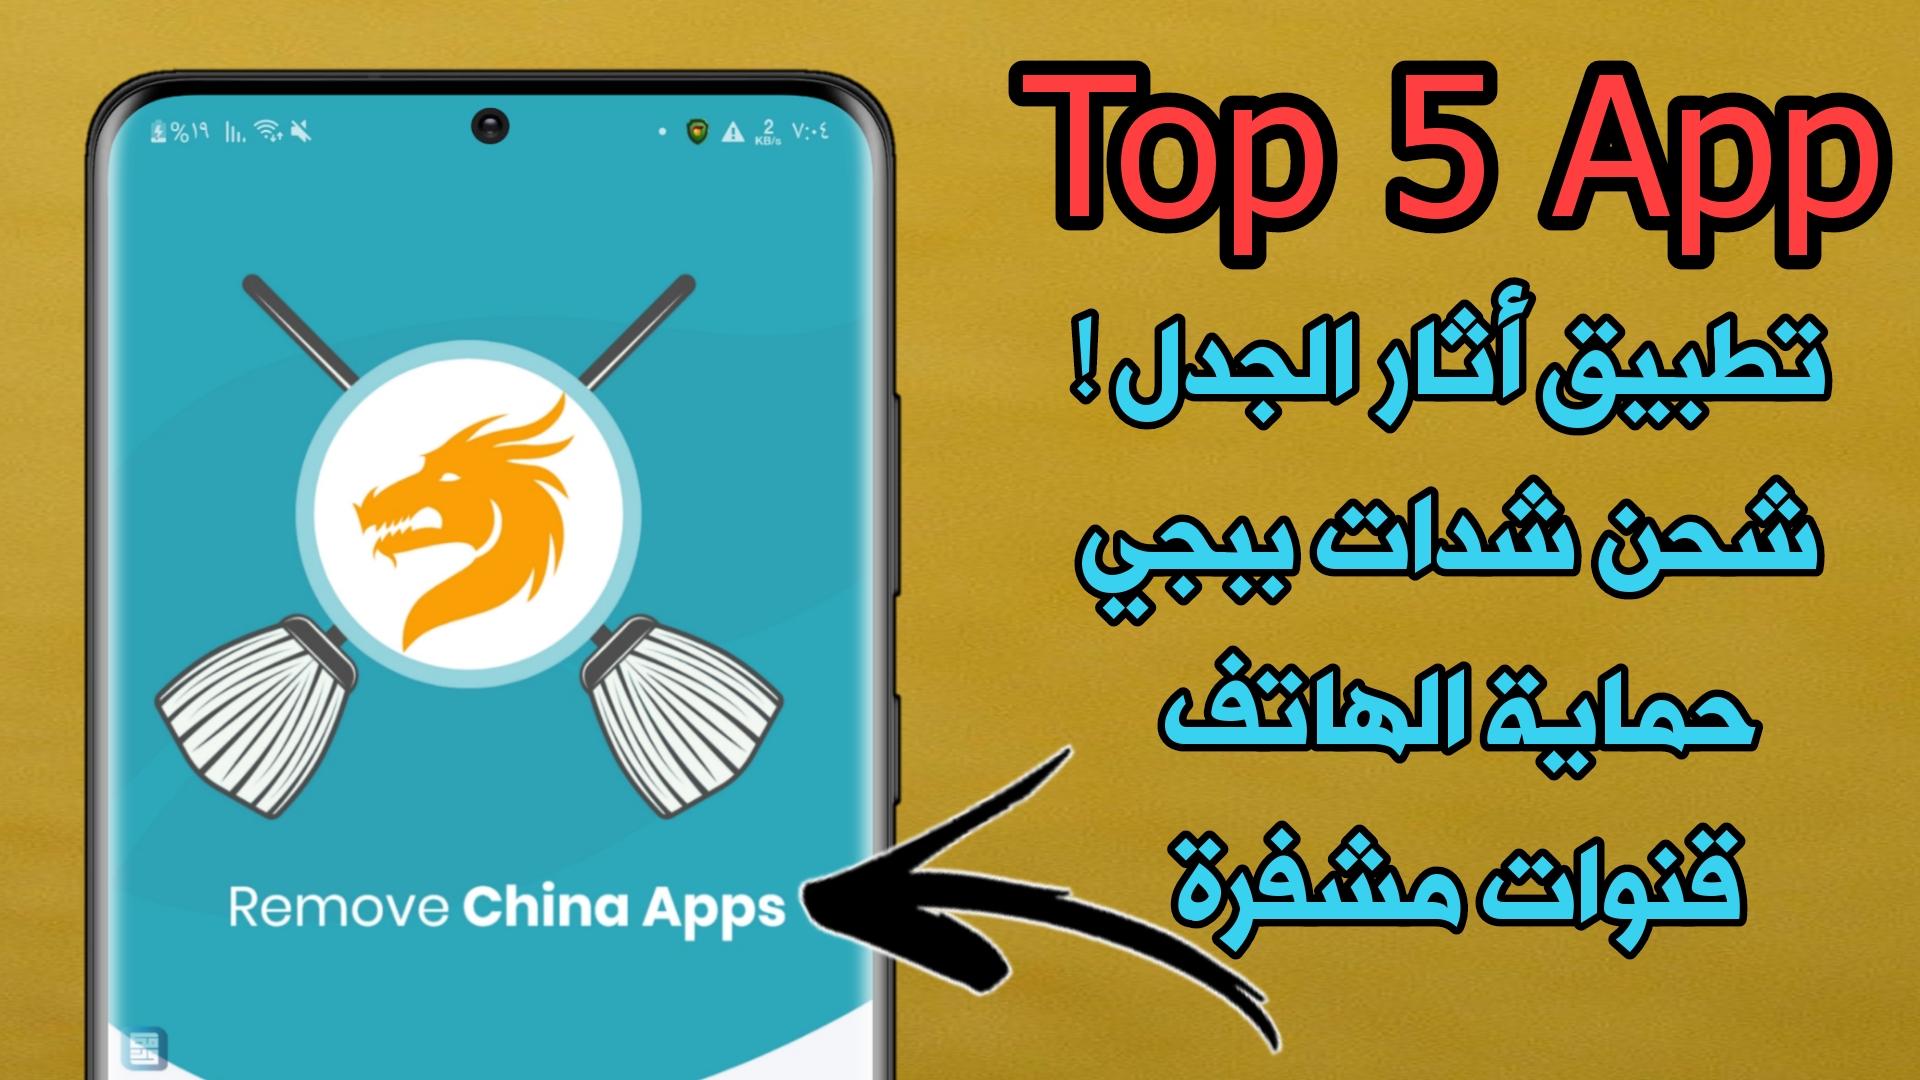 أفضل 5 تطبيقات لهذا الأسبوع / تطبيق أثار الجدل بين الهند والصين / شحن شدات ببجي / حماية الهاتف / قنوات مشفرة